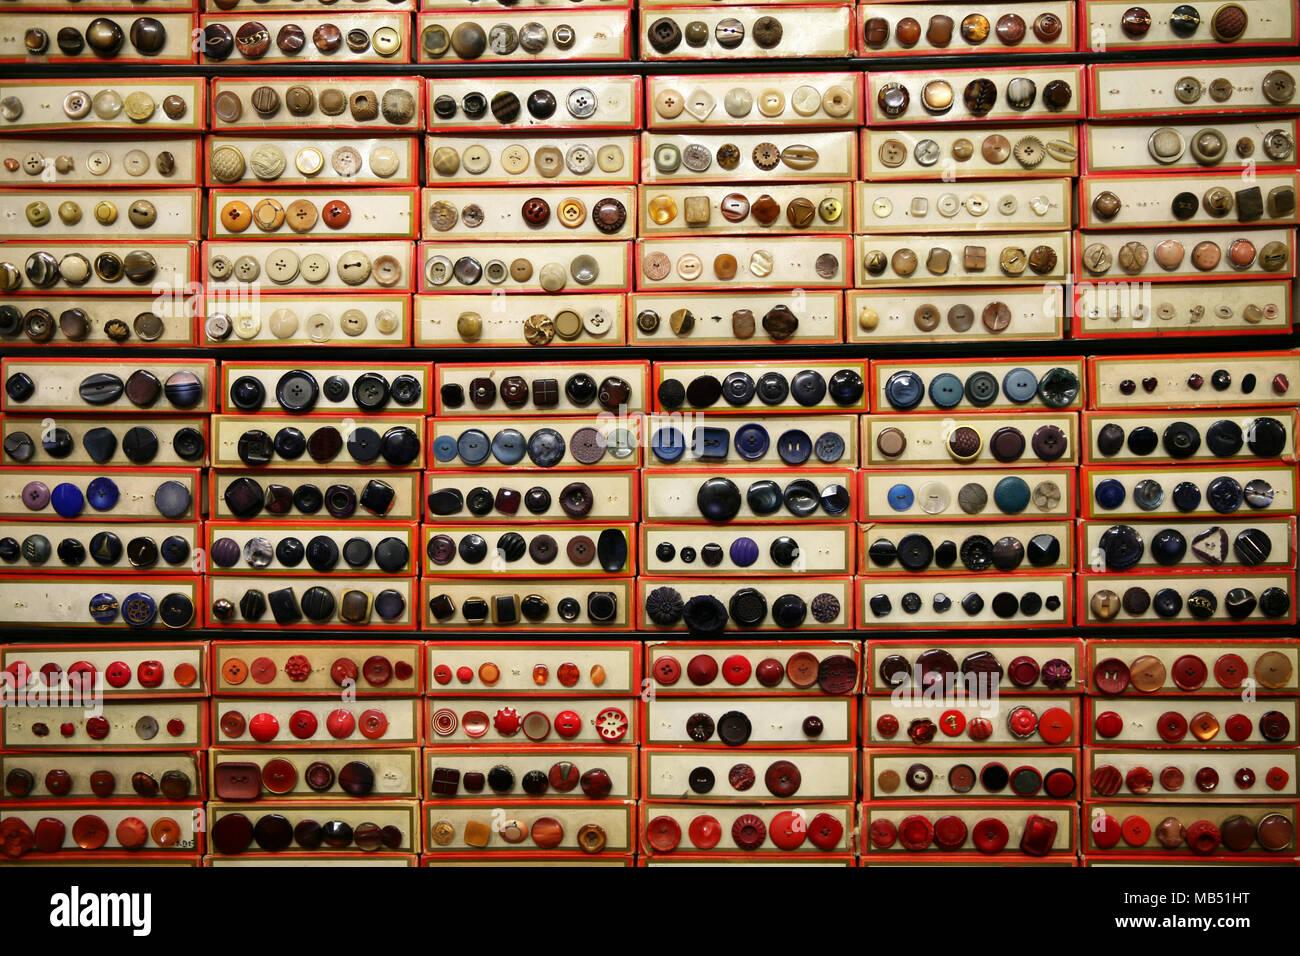 Archivio di pulsanti Immagini Stock